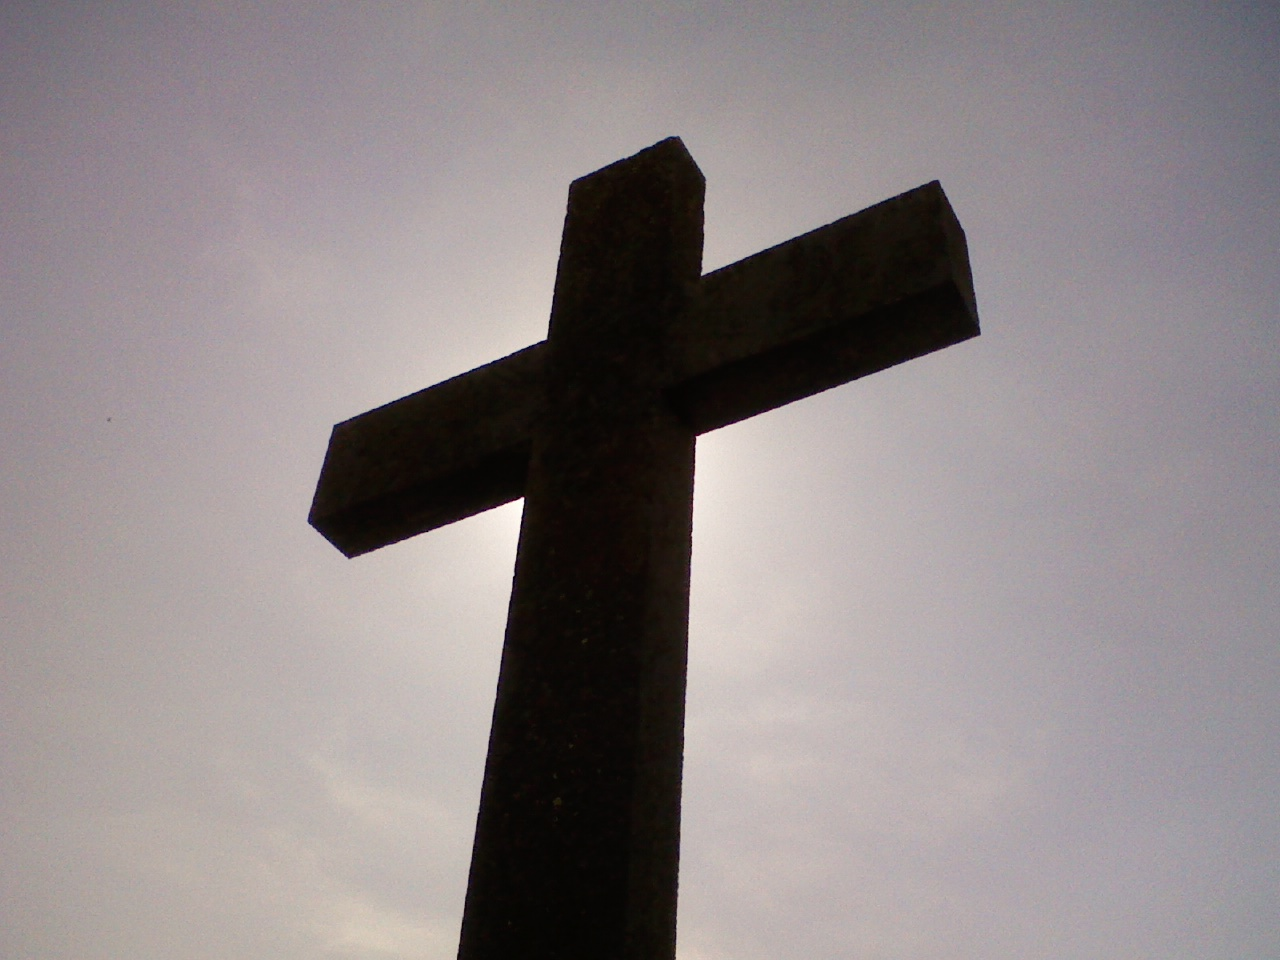 Christian Cross Christian Cross Wallpapers Desktop